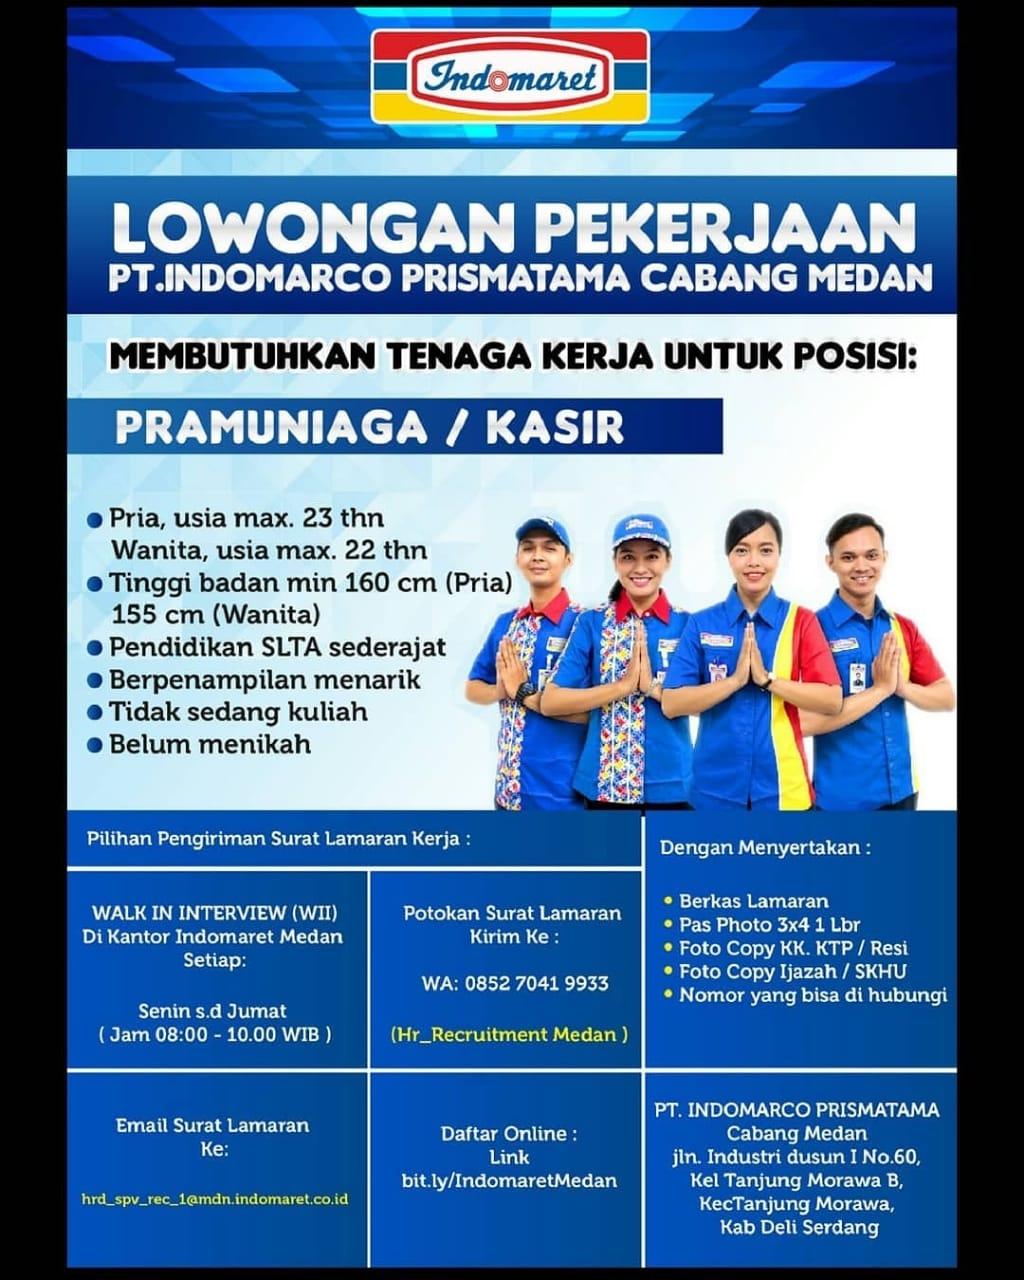 Www.indomaret.co.id Lowongan Kerja : www.indomaret.co.id, lowongan, kerja, Loker, Indomaret, Ancol